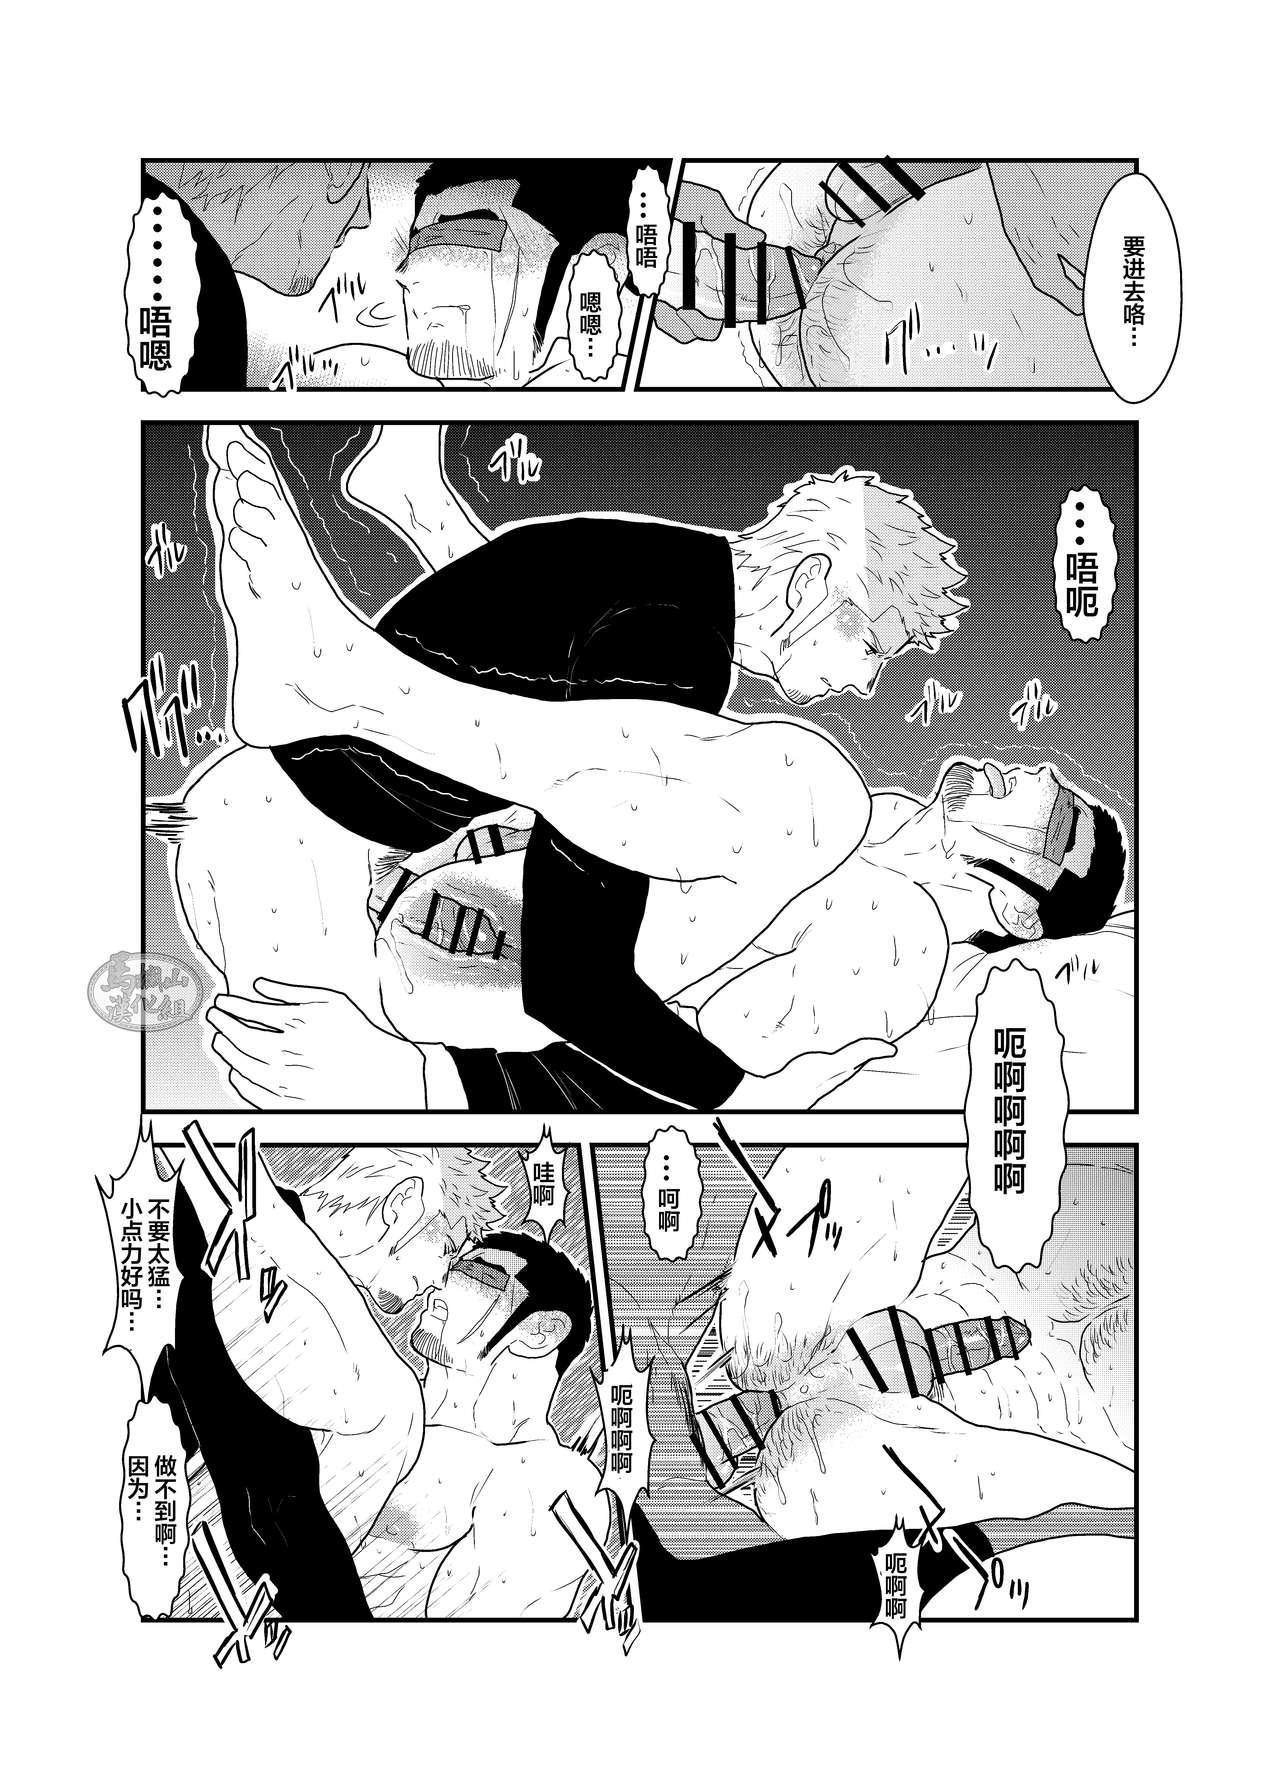 Moshimo Yakuza ni Koigokoro ga Mebae Hajimetara 29